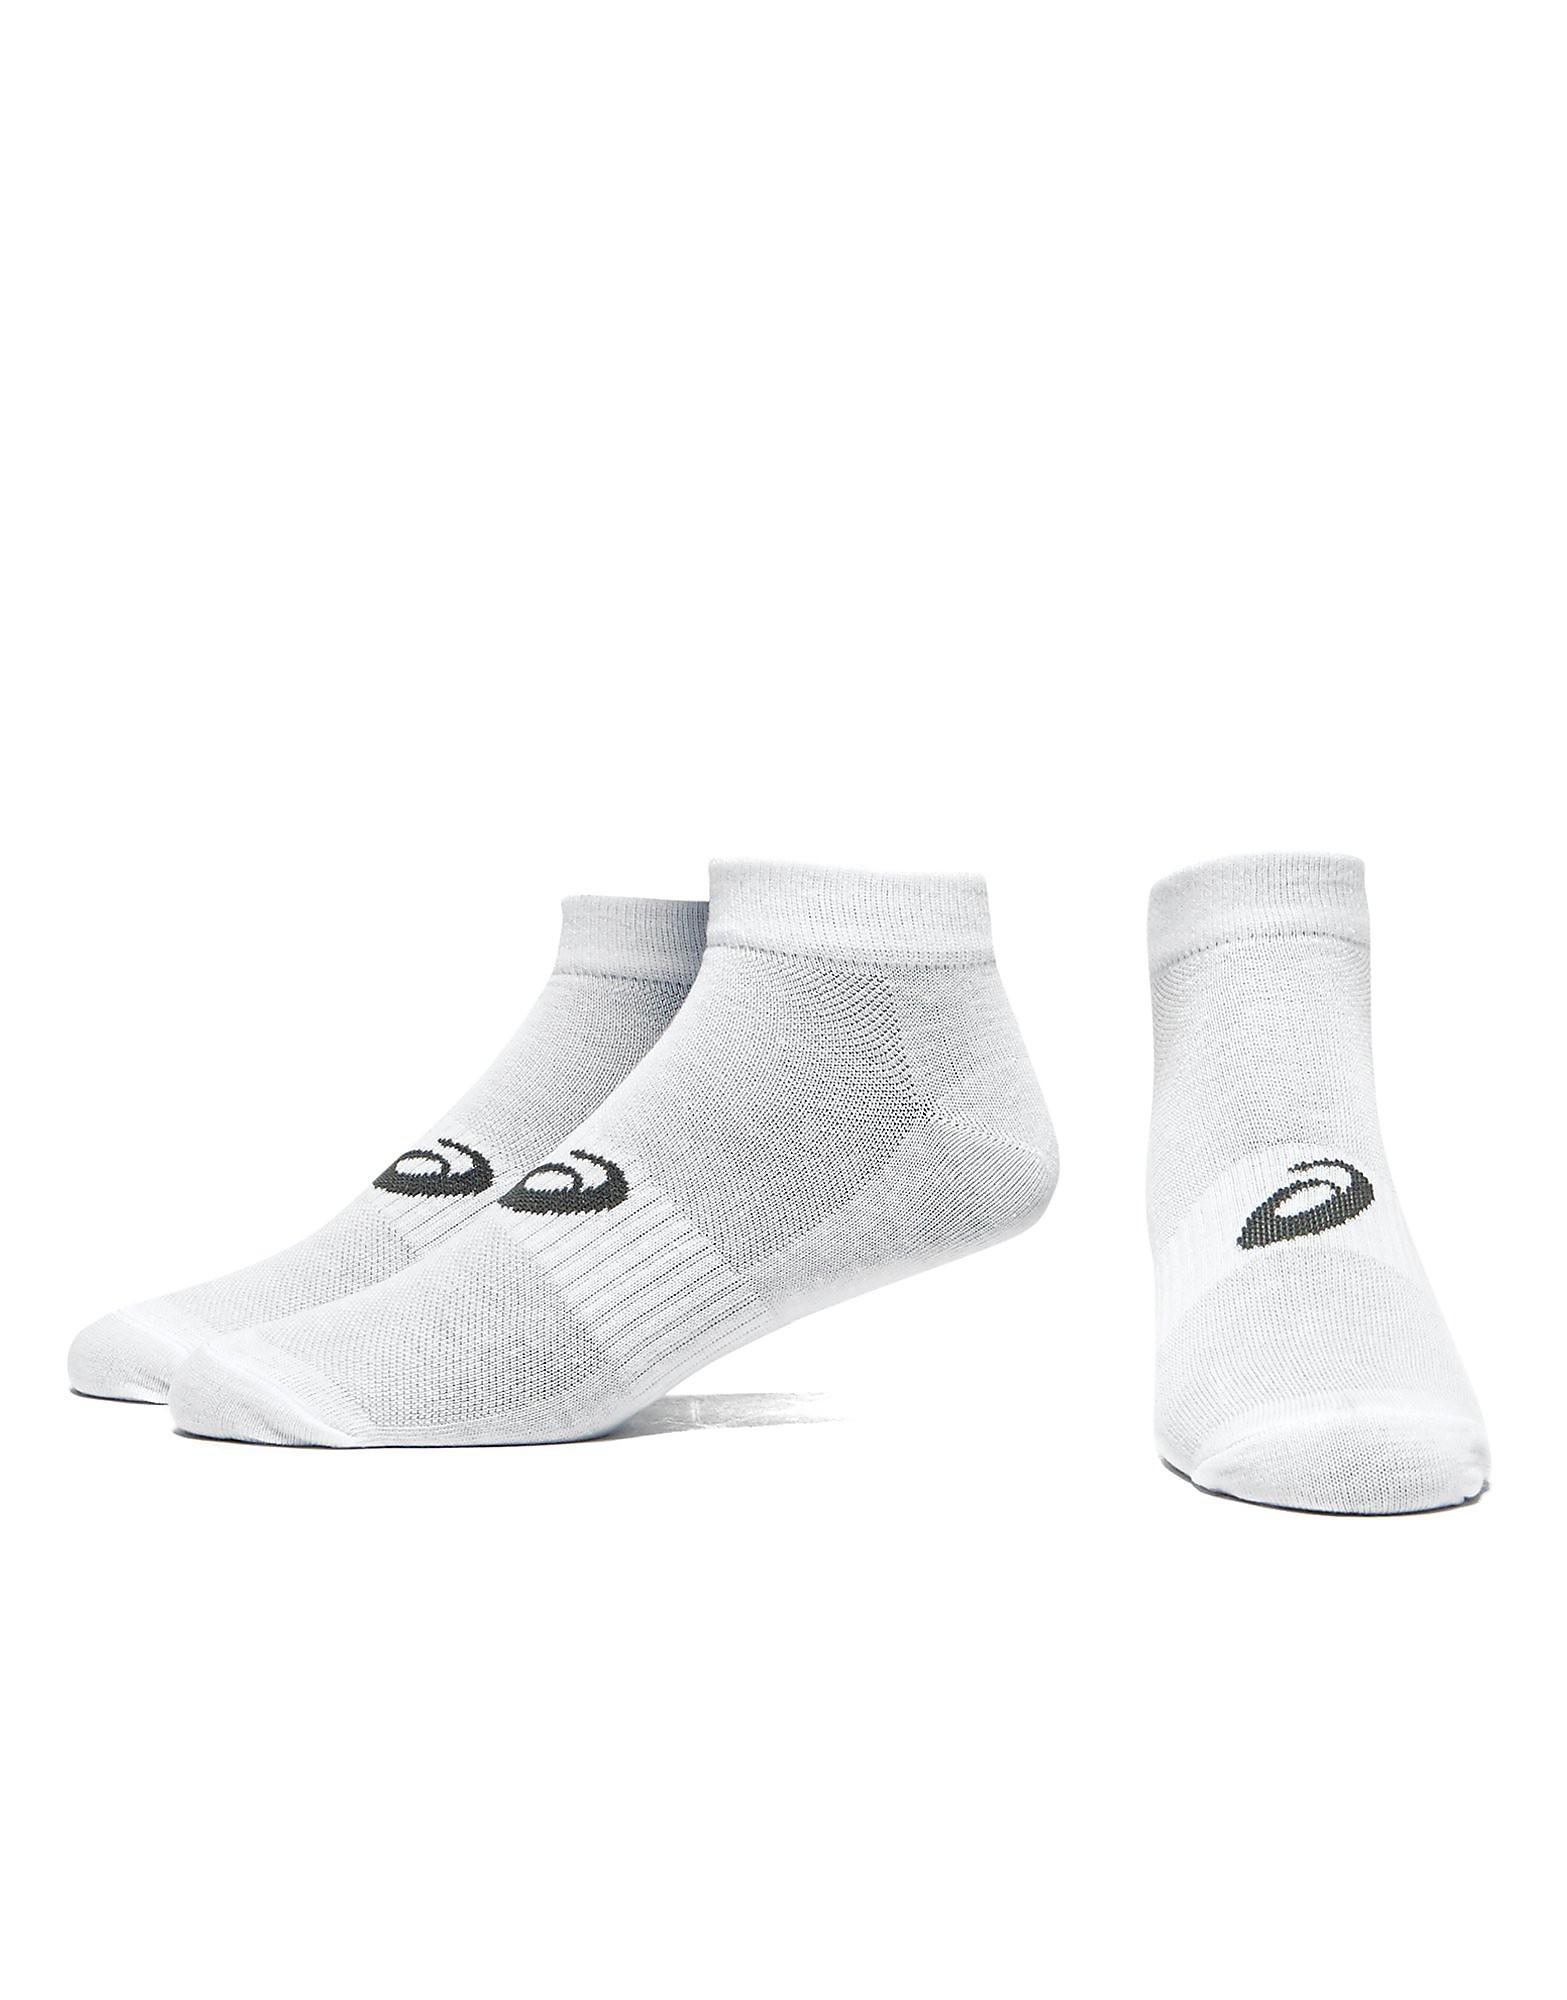 ASICS 3PPK PED Socks